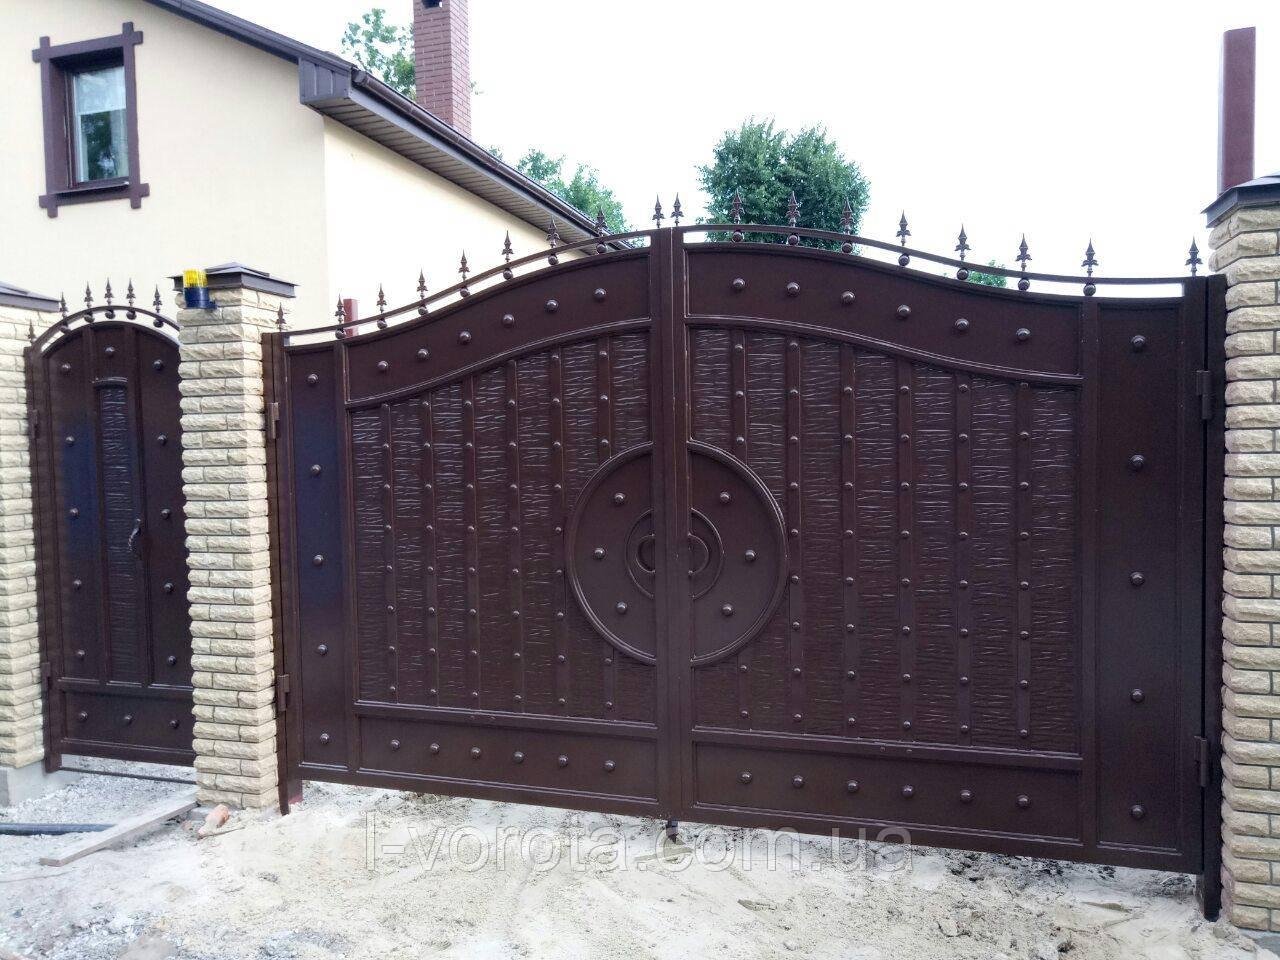 Распашные металлические ворота с рельефным декором (эффект жатки) 3100, 2300